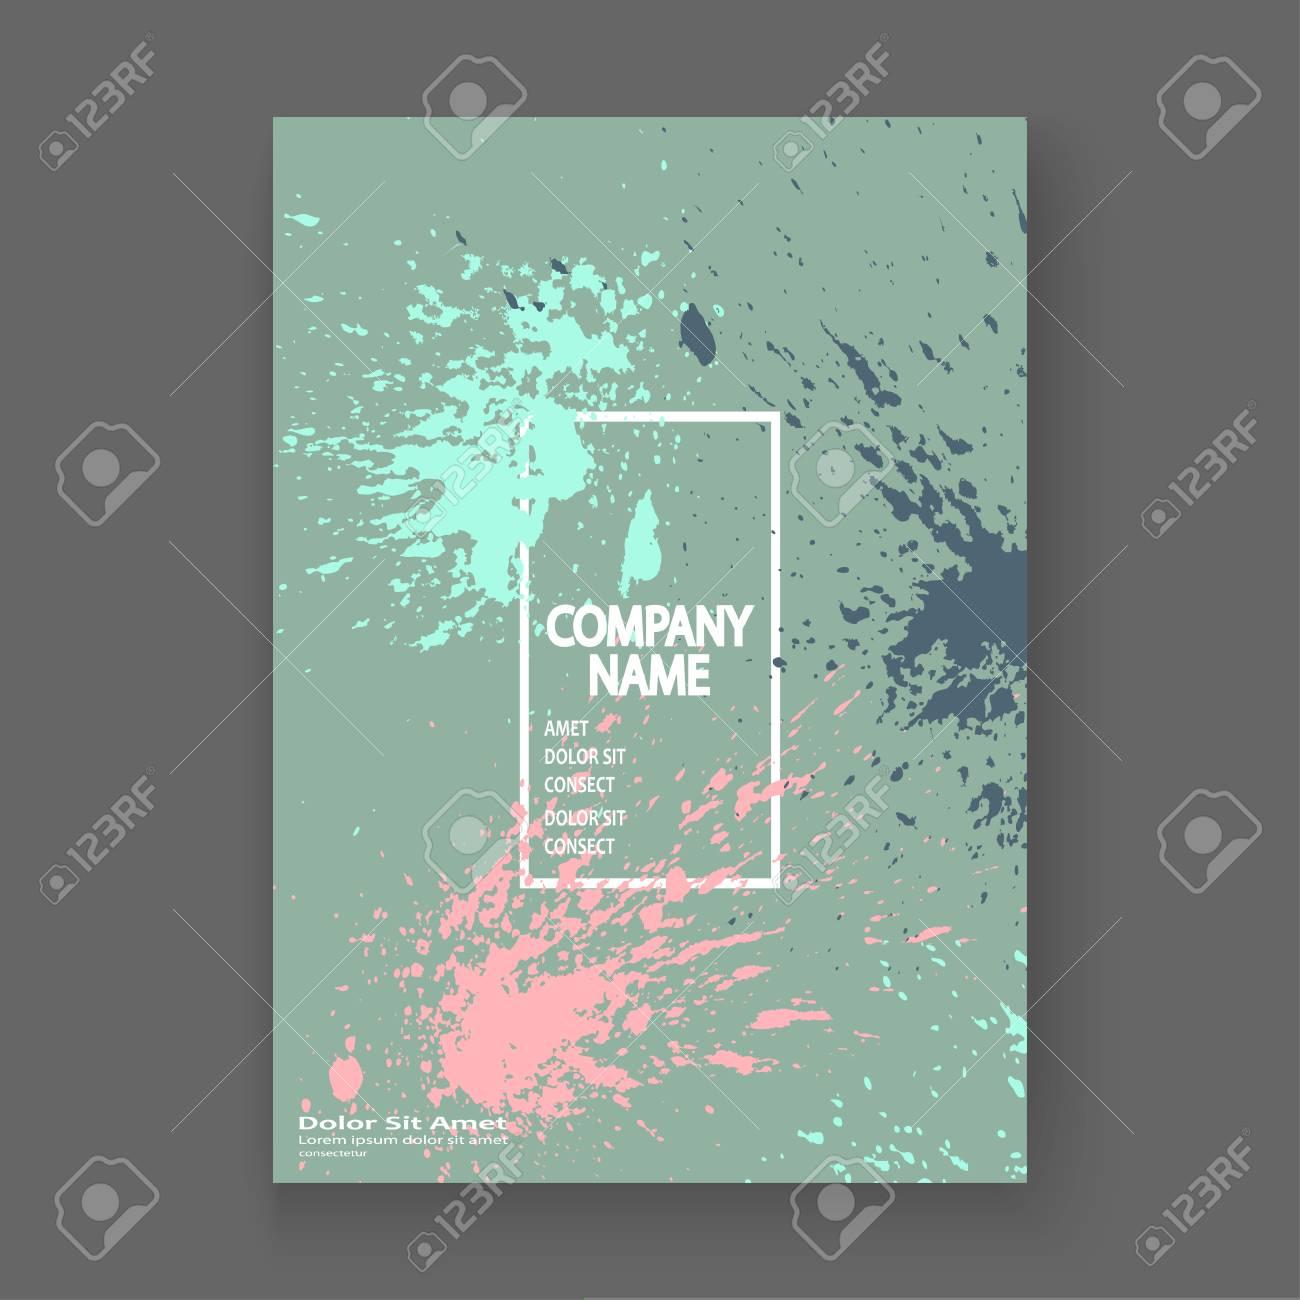 Pastel Explosion Paint Splatter Artistic Cover Frame Design